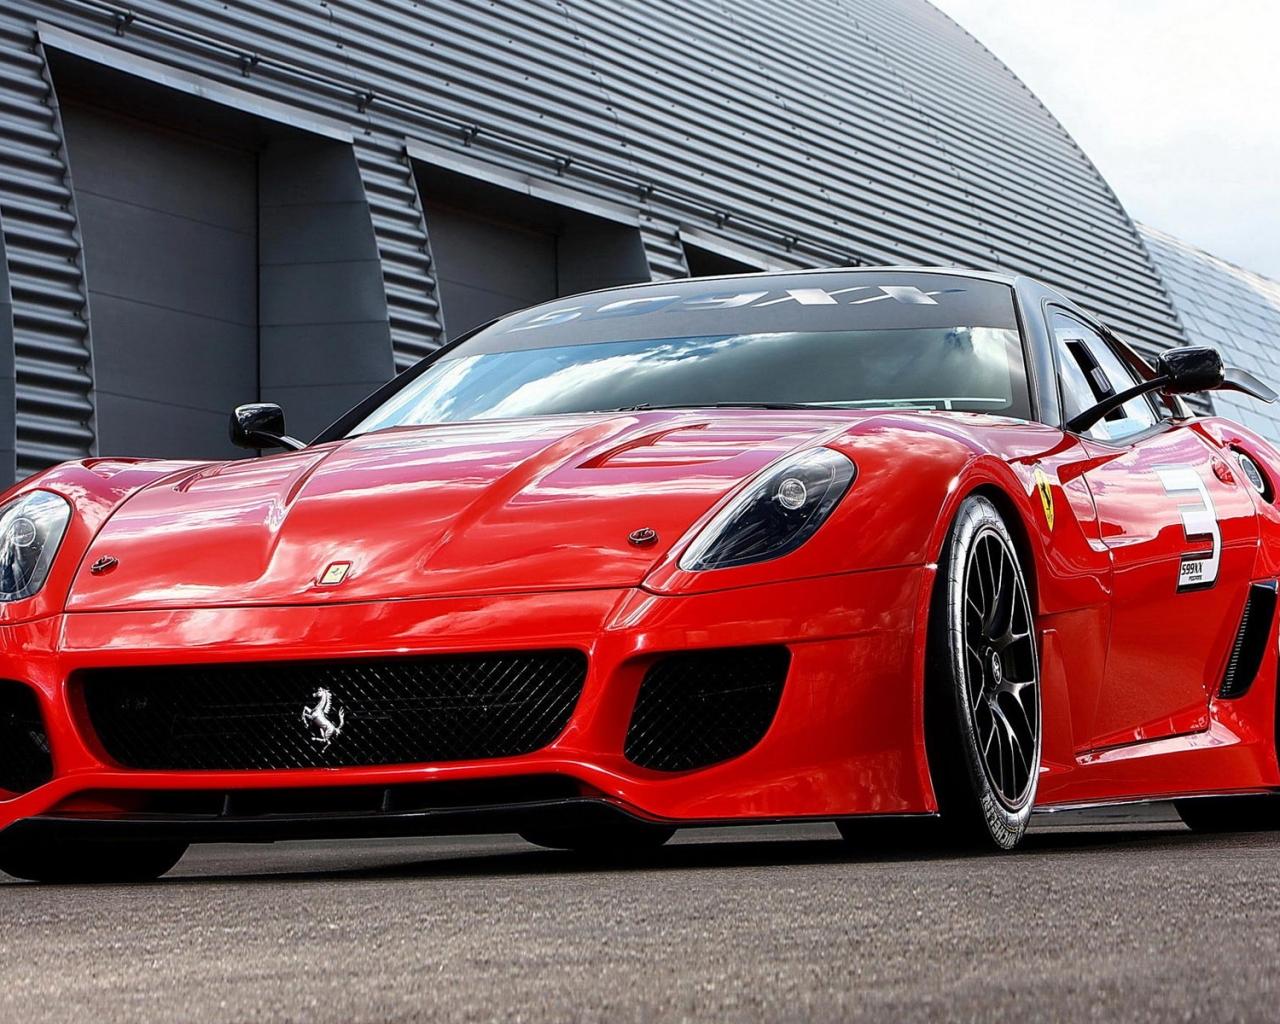 El Ferrari Rojo - 1280x1024